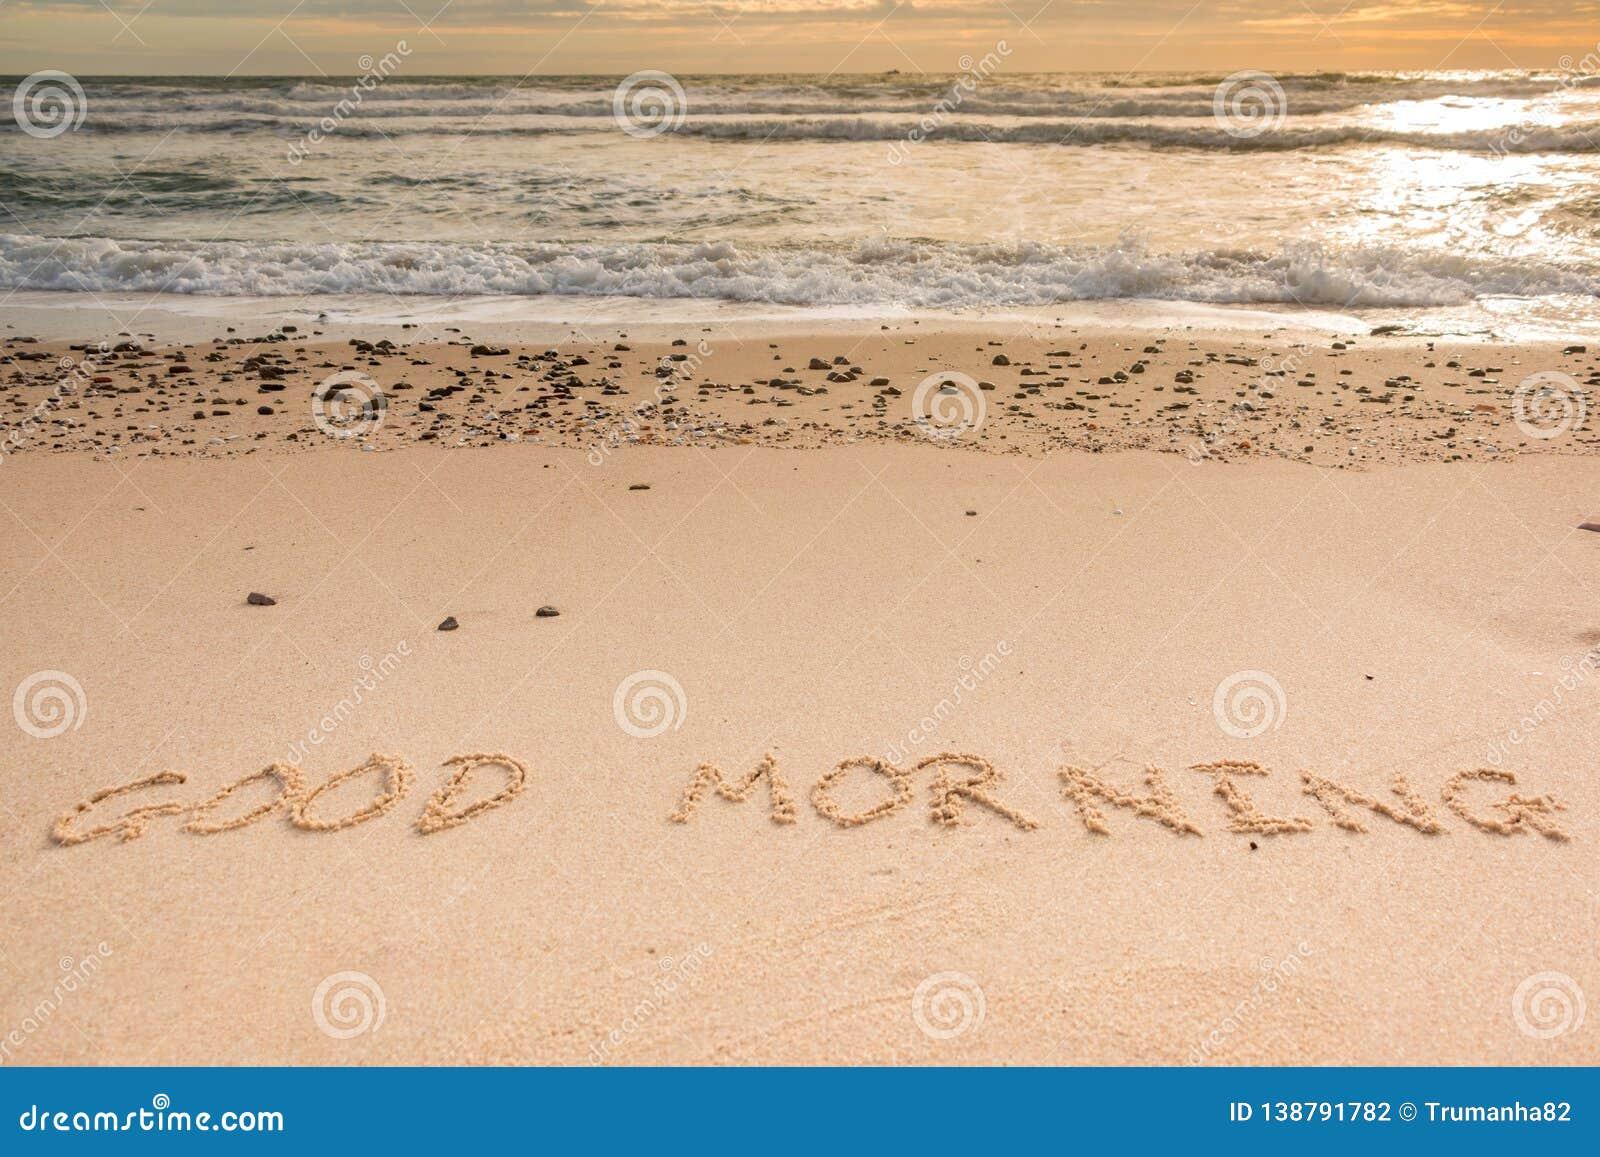 Good Morning at Beach